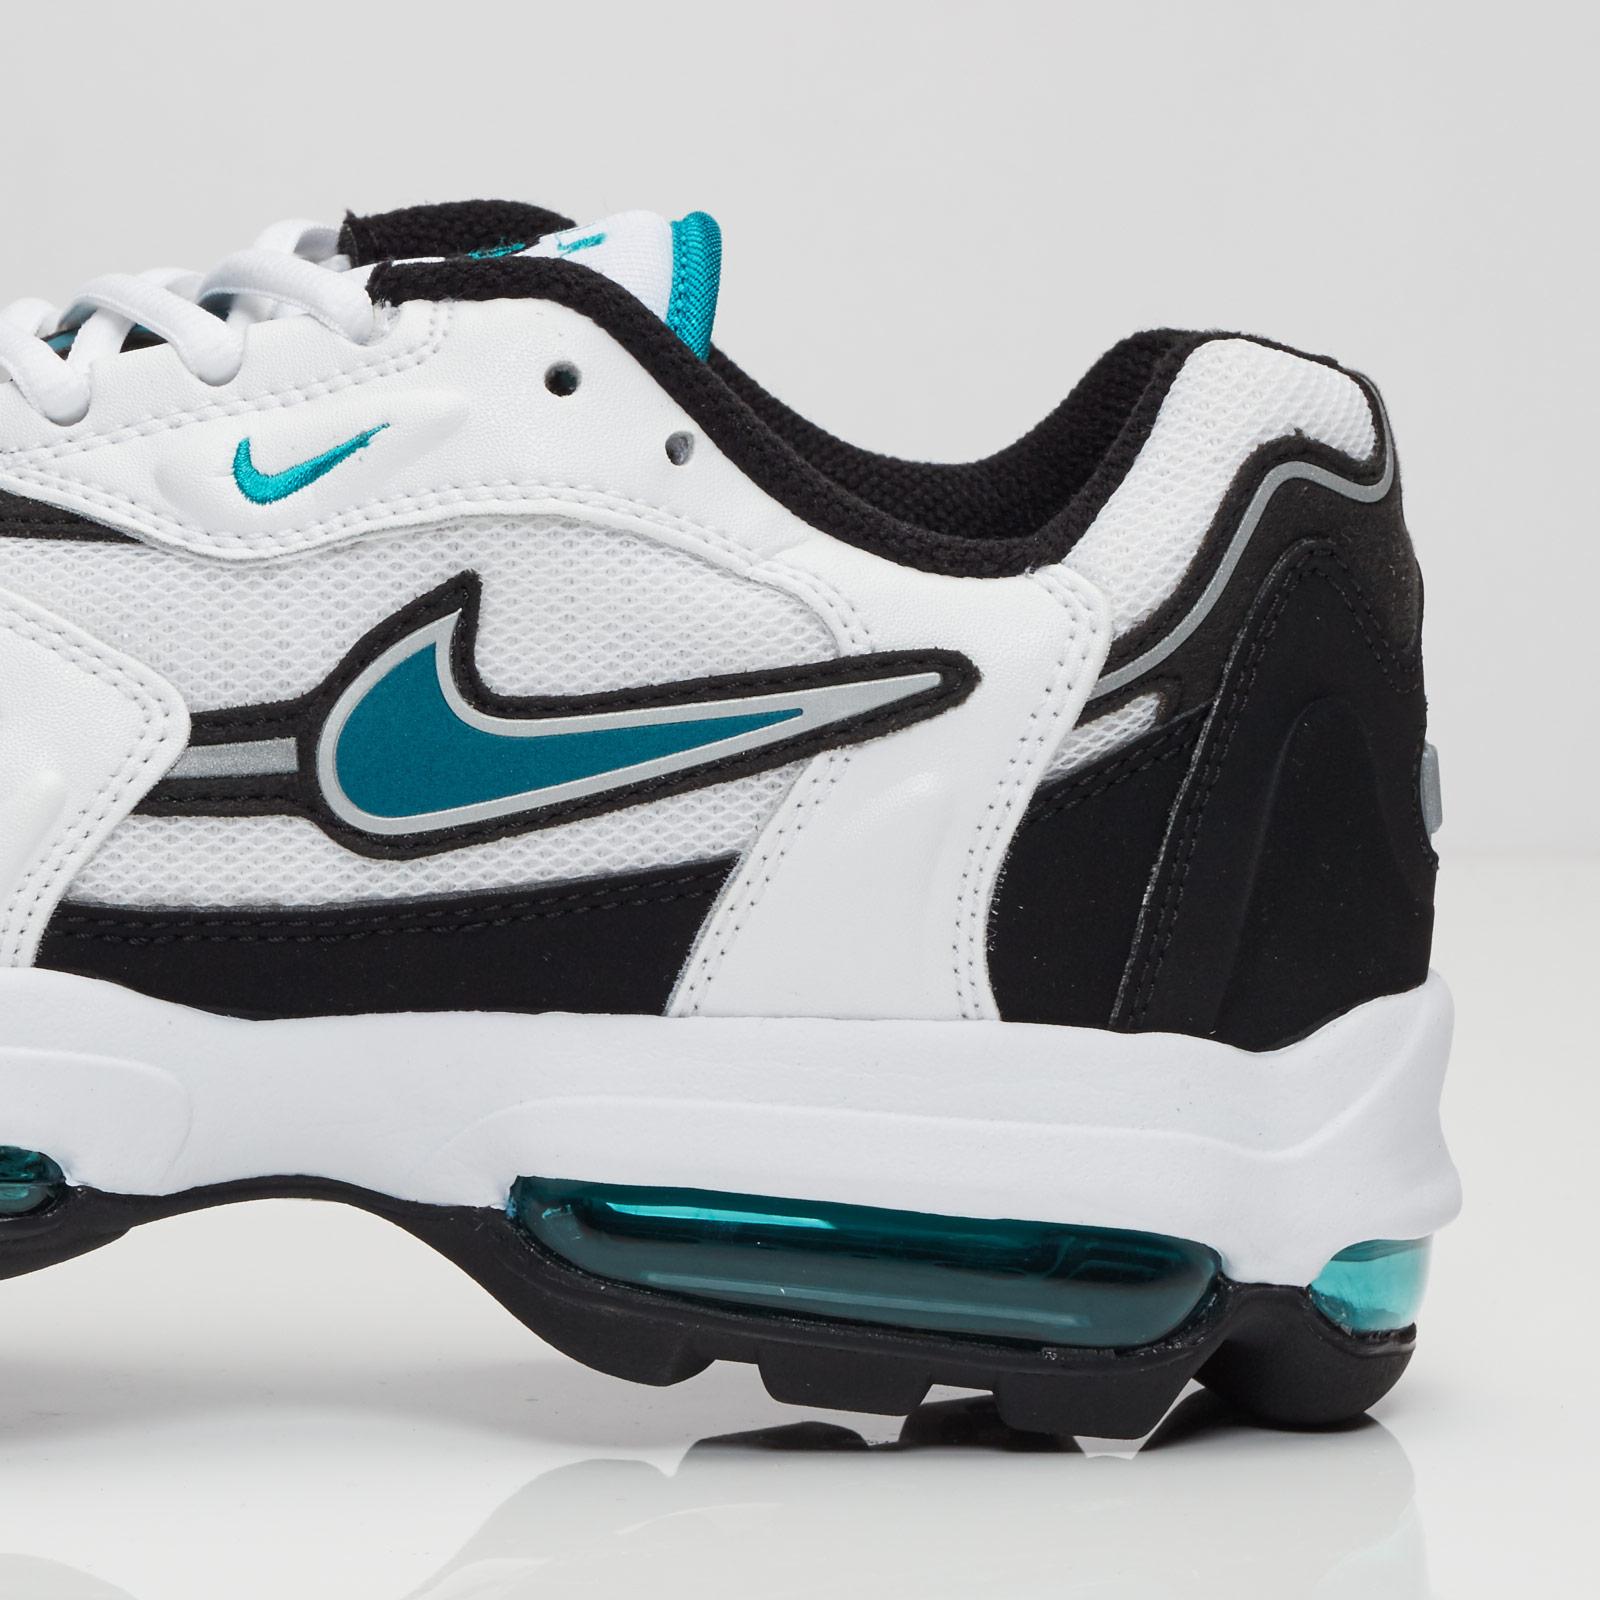 ... Nike Air Max 96 II XX